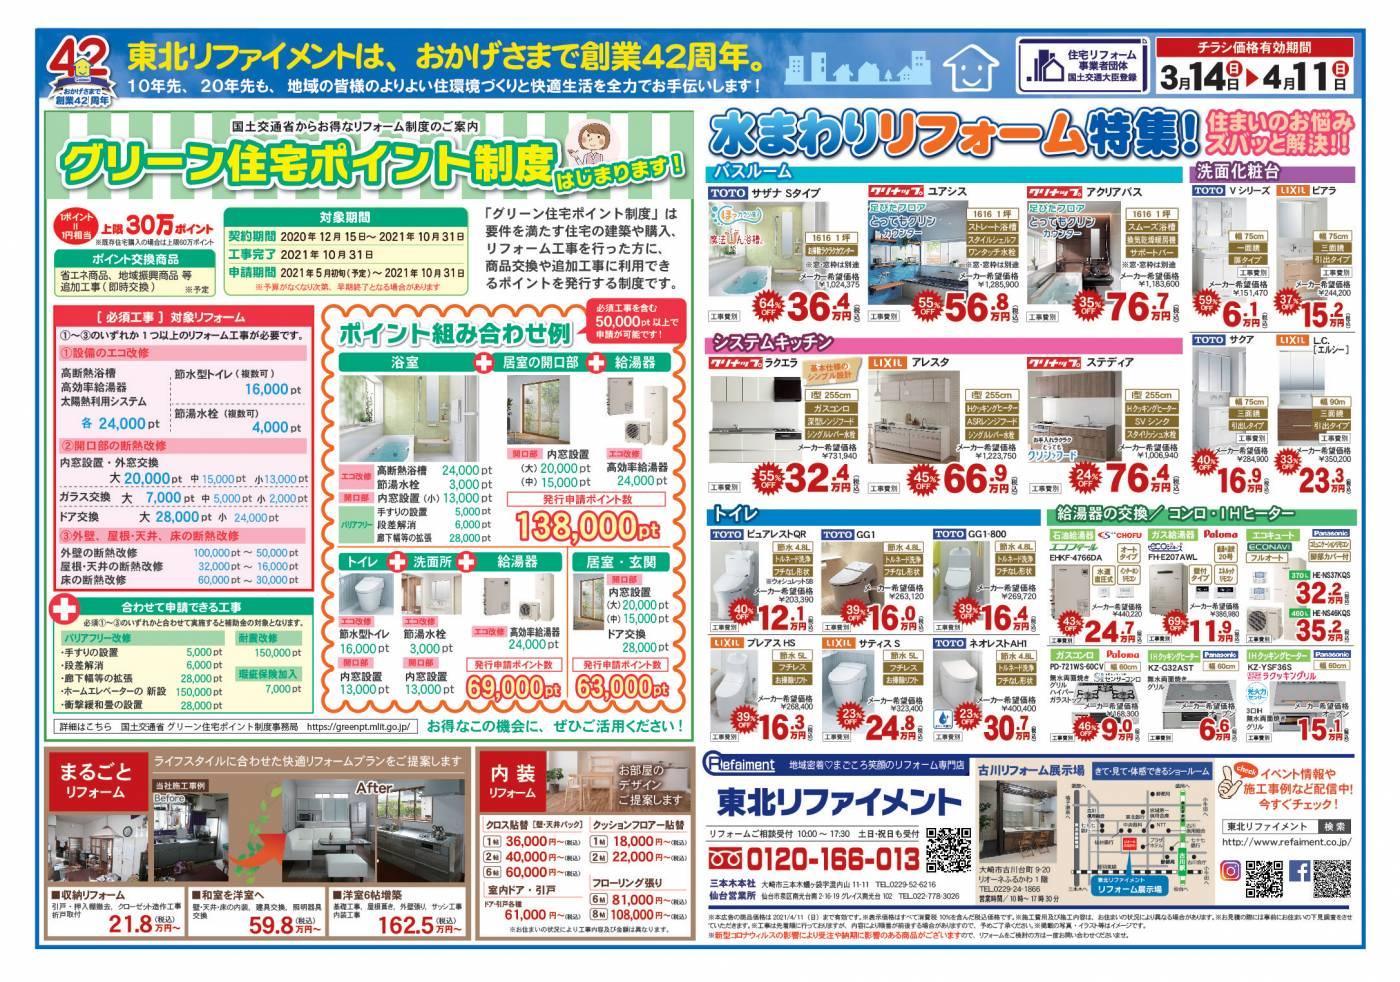 広告(2021_03_14)-リフォーム 裏